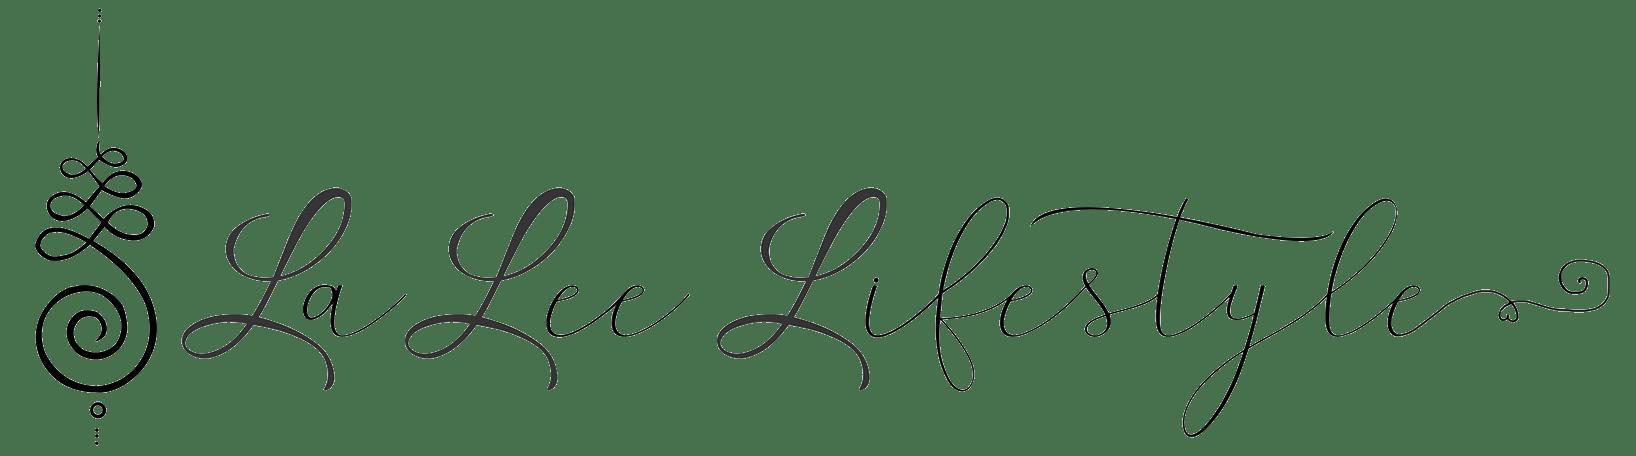 LaLee Lifestyle